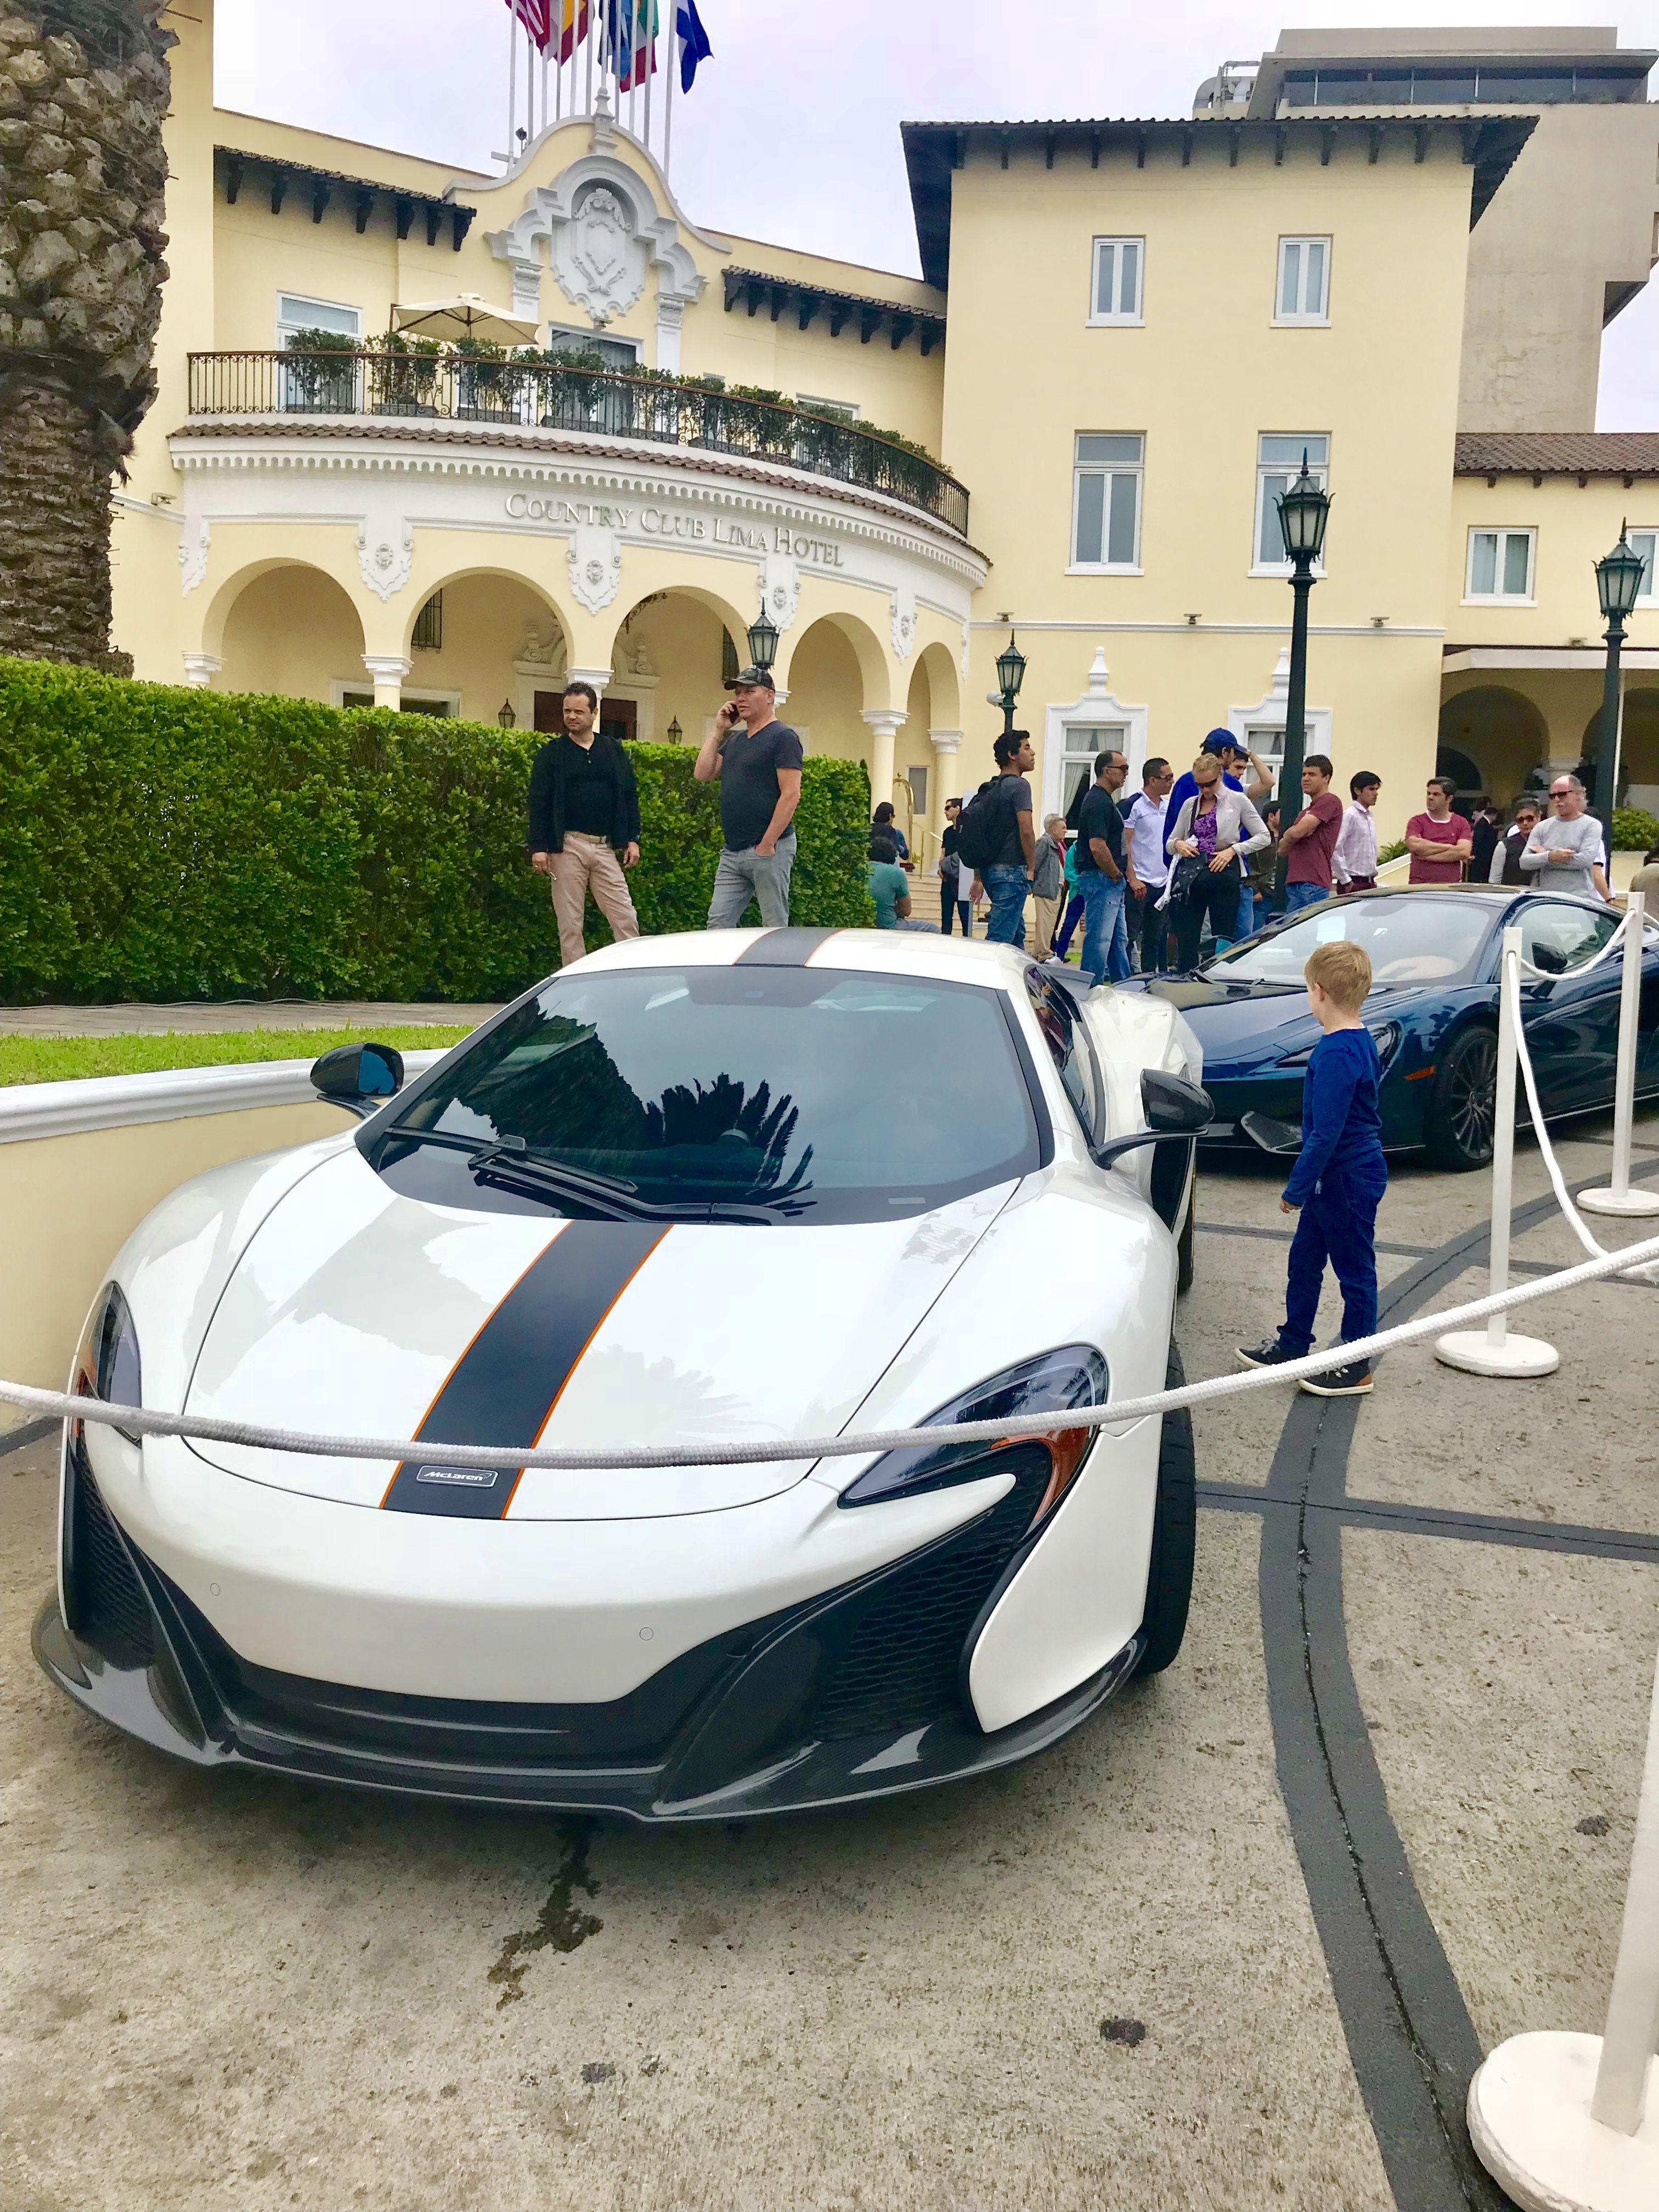 Mclaren Luxevaca Luxury Car Photo In Lima Peru Show Excellence Around The World